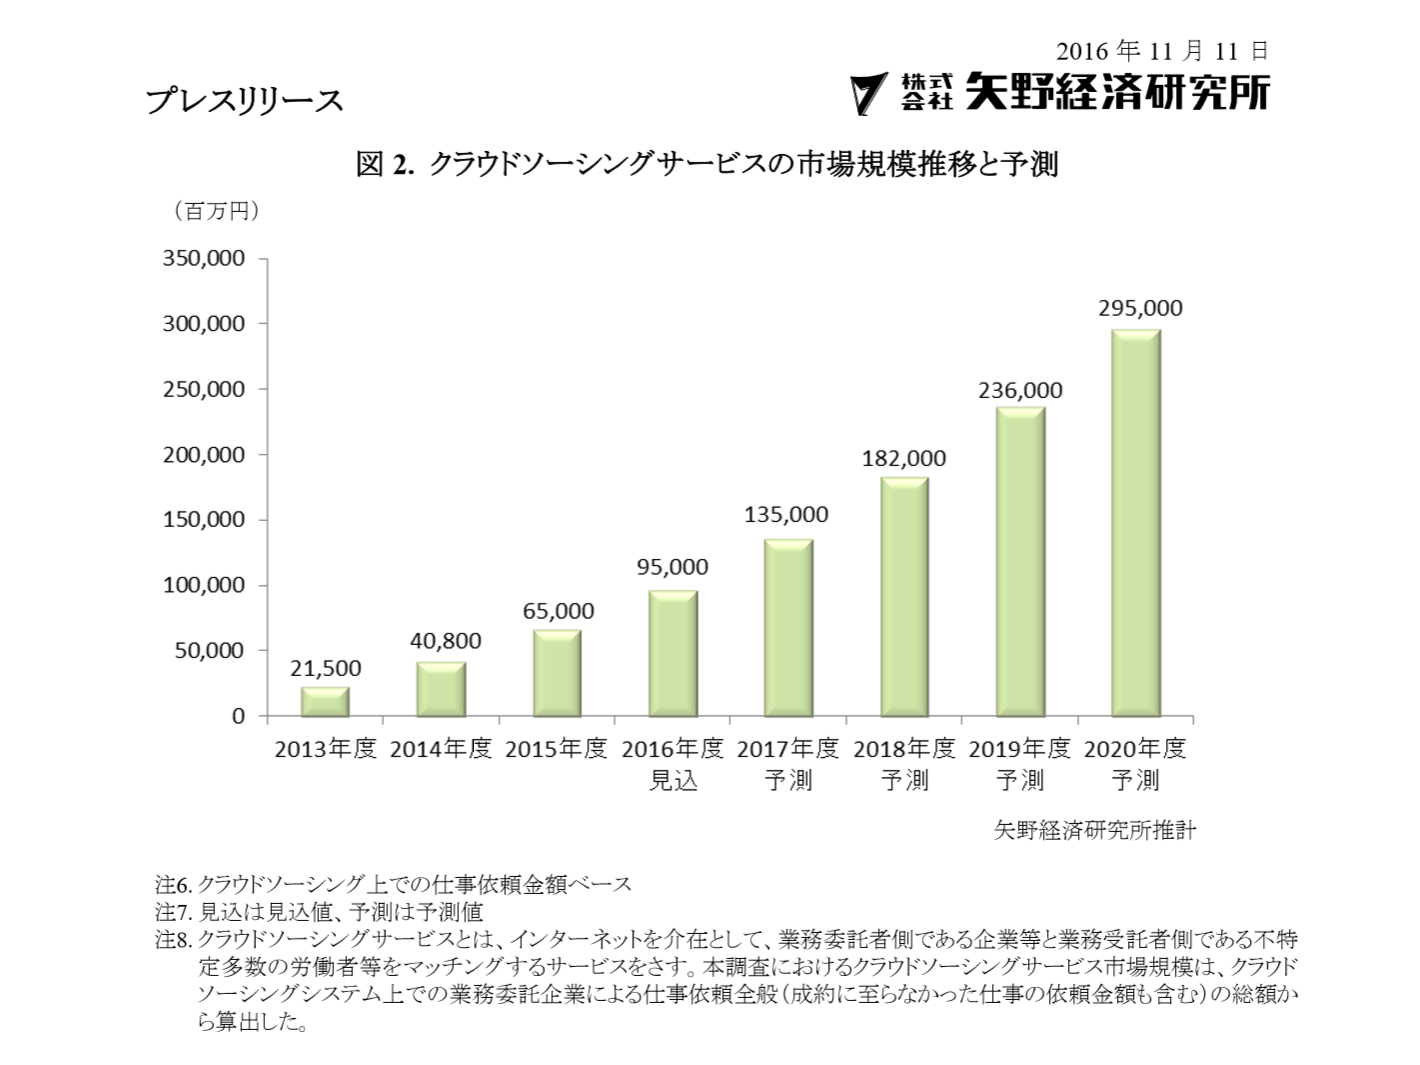 国内クラウドソーシング市場、2020年度2,950億円に/矢野経済研究所:BPO市場・クラウドソーシングサービス市場に関する調査を実施(2016年)